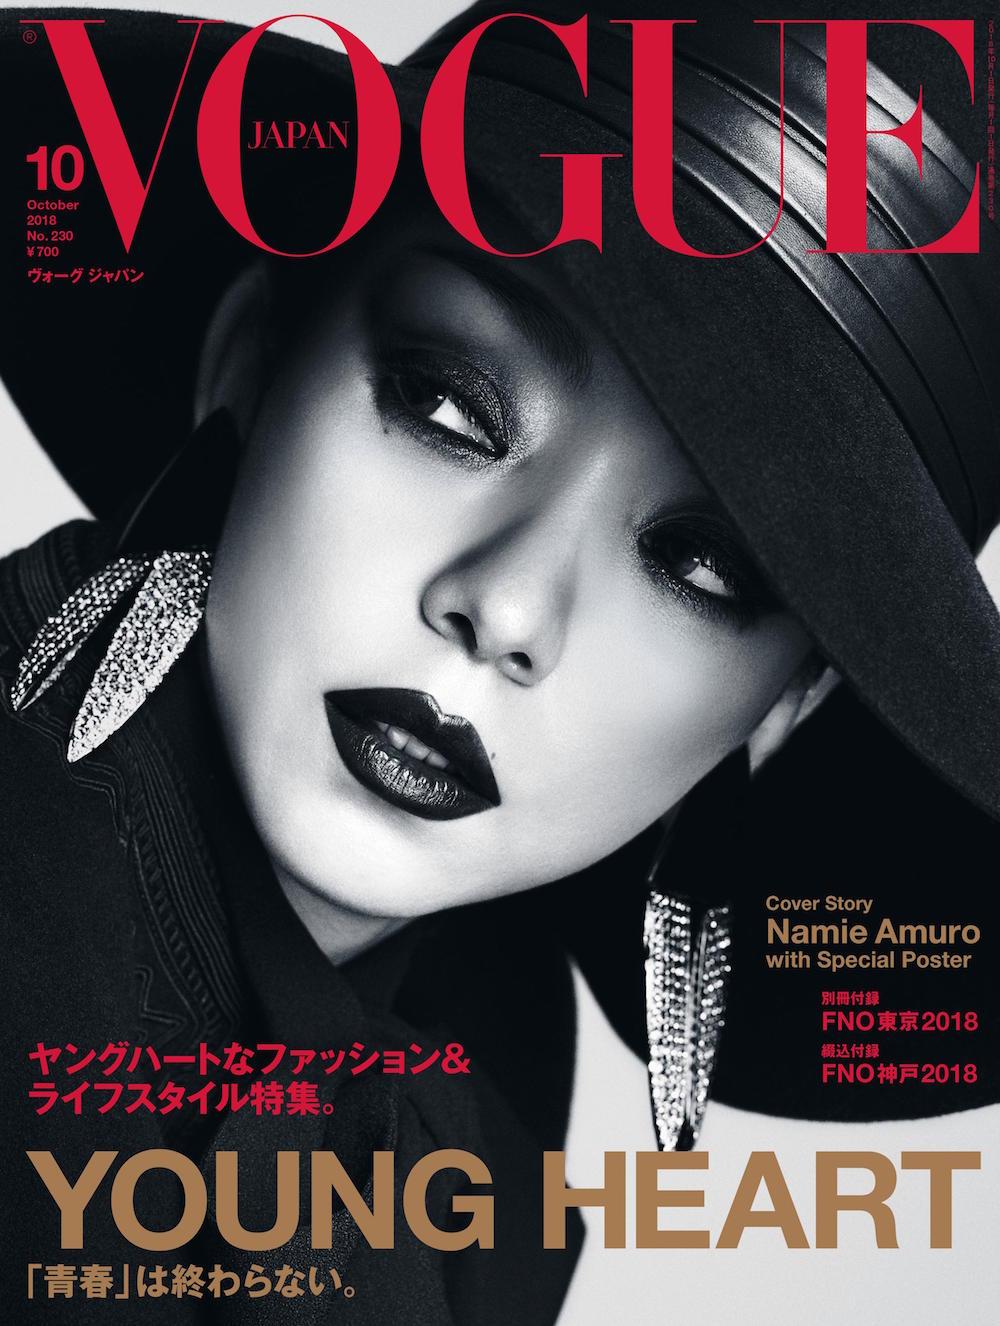 安室奈美恵・『VOGUE JAPAN』表紙 2018年10月号(8月28日発売)